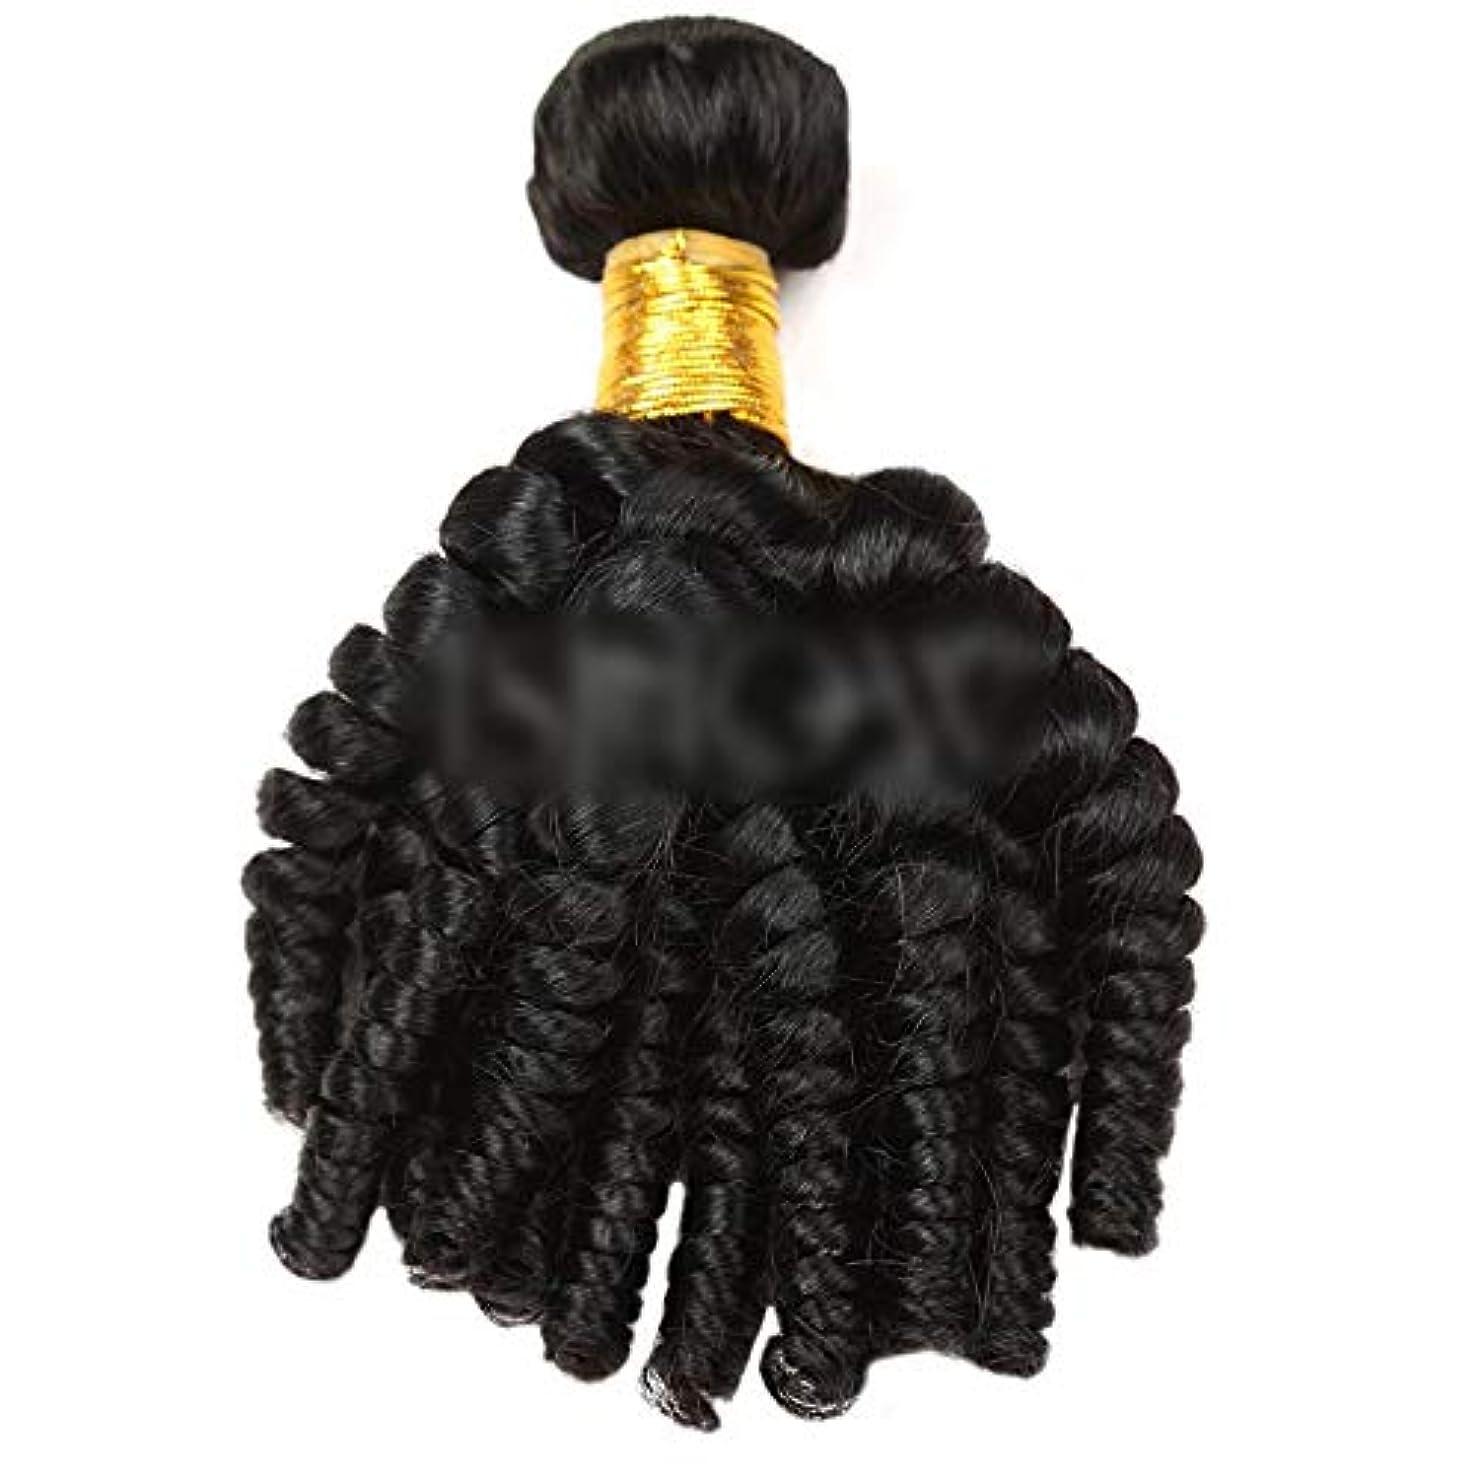 砂利巻き取り不倫BOBIDYEE Funmi巻き毛人間の髪の毛の束自然な黒髪エクステンション1バンドル髪横糸複合毛レースのかつらロールプレイングかつらロングとショートの女性自然 (色 : 黒, サイズ : 12 inch)